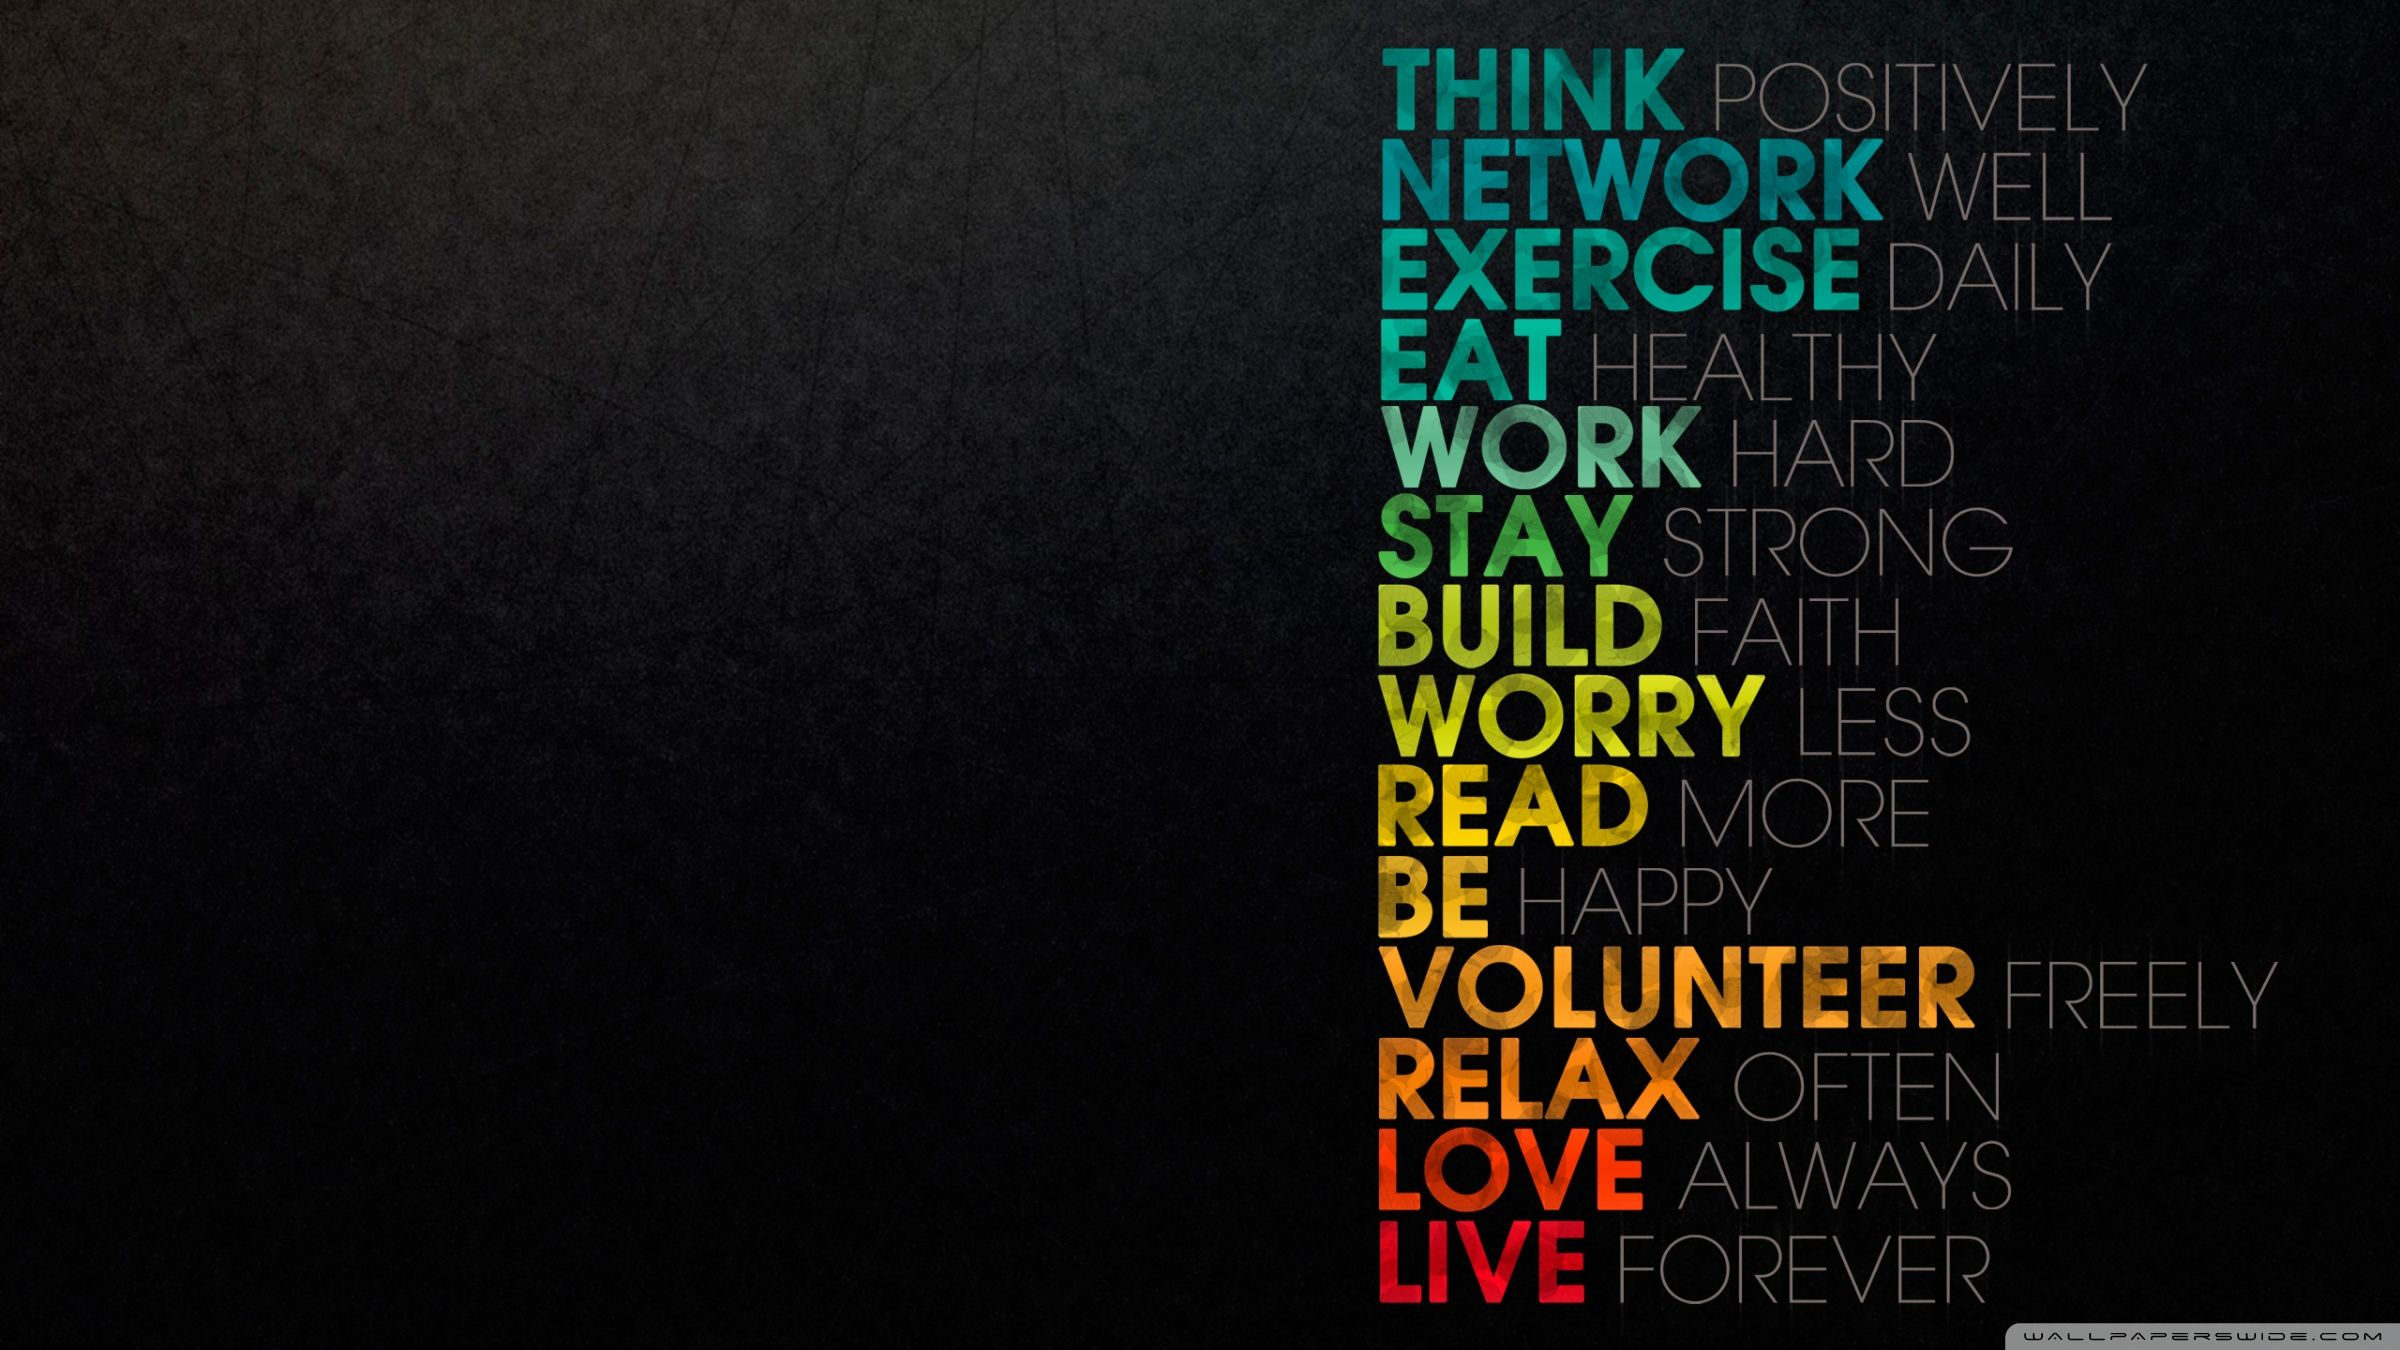 Motivational Hd Desktop Wallpaper High Definition Fullscreen Inspirational Quotes Wallpapers Motivational Wallpaper Hd Quotes